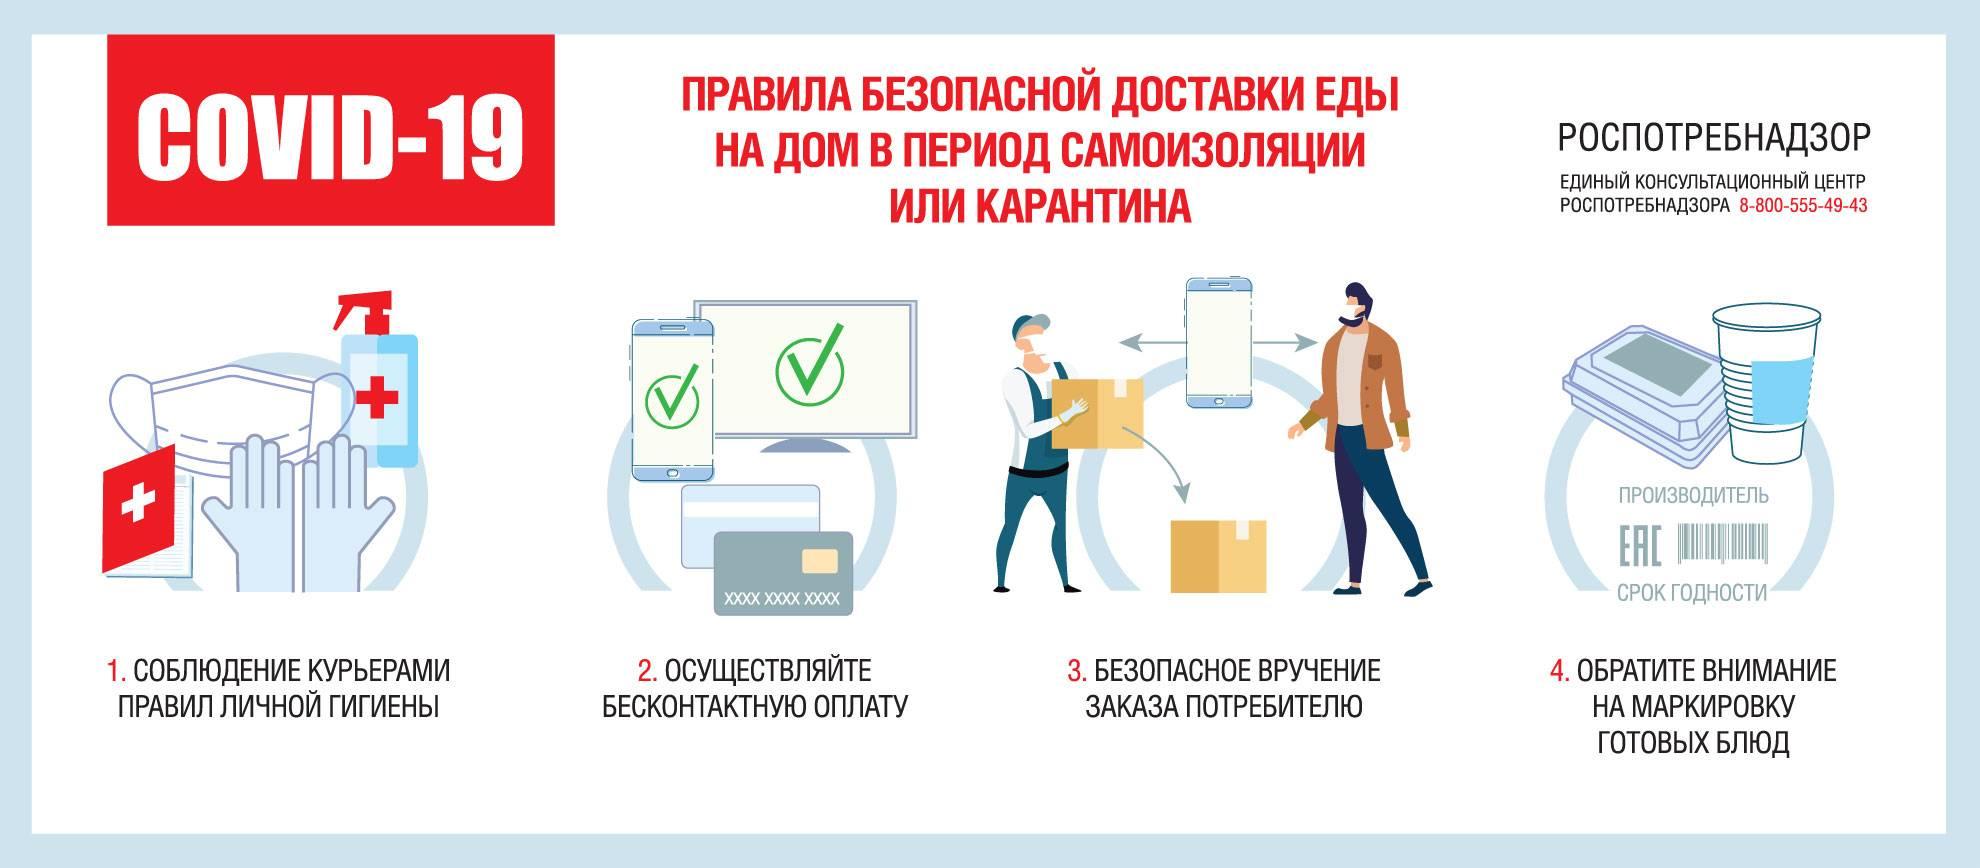 Как очистить воздух от коронавируса и какие приборы могут это сделать - hi-news.ru